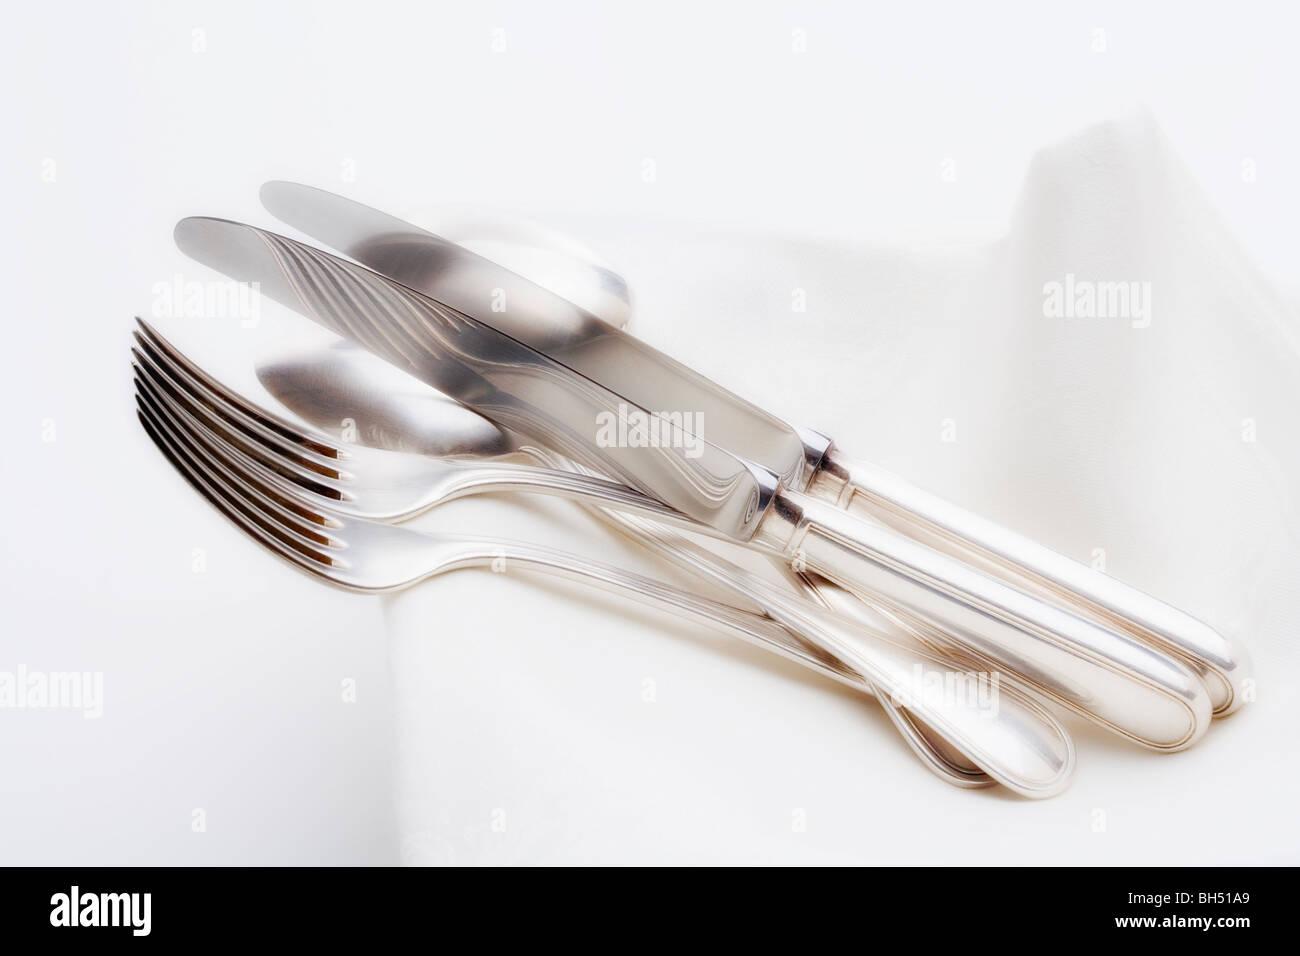 Besteck - Nahaufnahme des eleganten Messer Gabel und Löffel auf dem weißen Tuch Stockbild